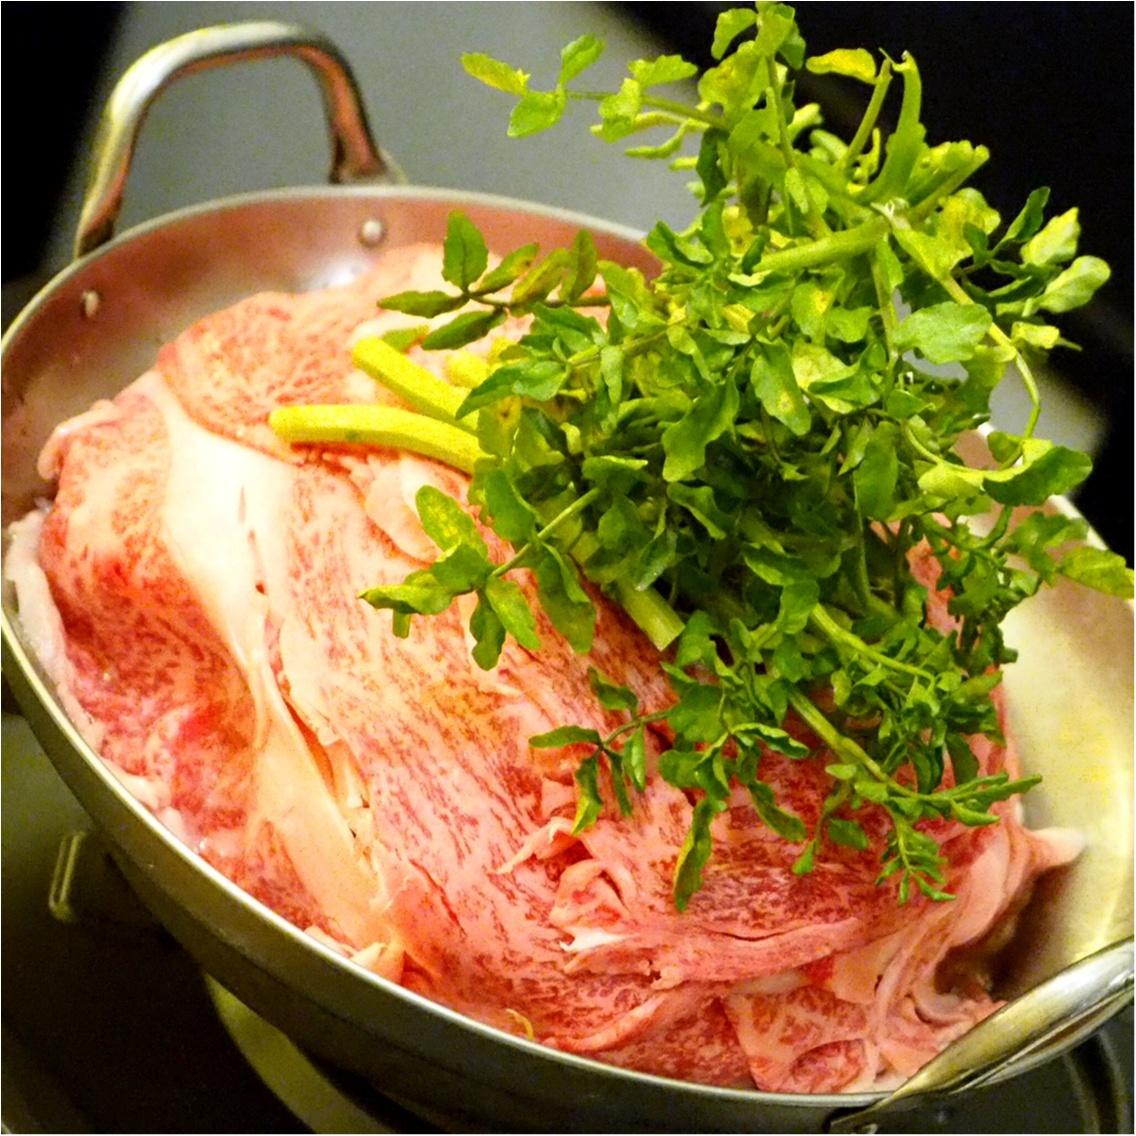 暑い夏こそ食べなきゃ♡塩すき鍋は特製の氷ダレをのせてさっぱりとした味わい_5